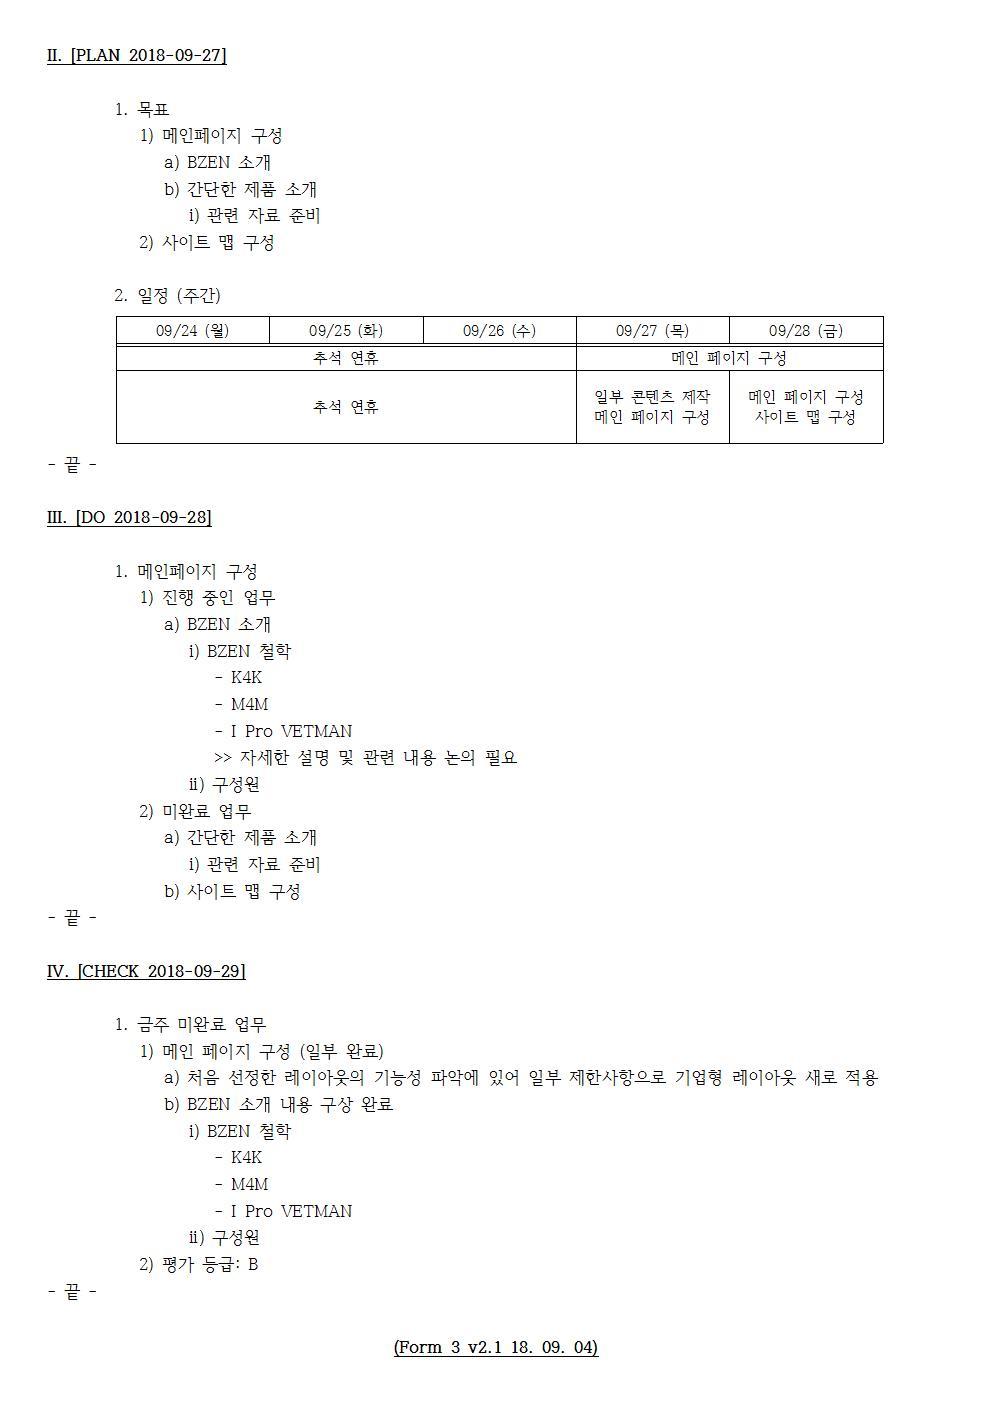 D-[18-047-BZ-07]-[BZEN HP v3.0]-[2018-09-29][JS]002.jpg